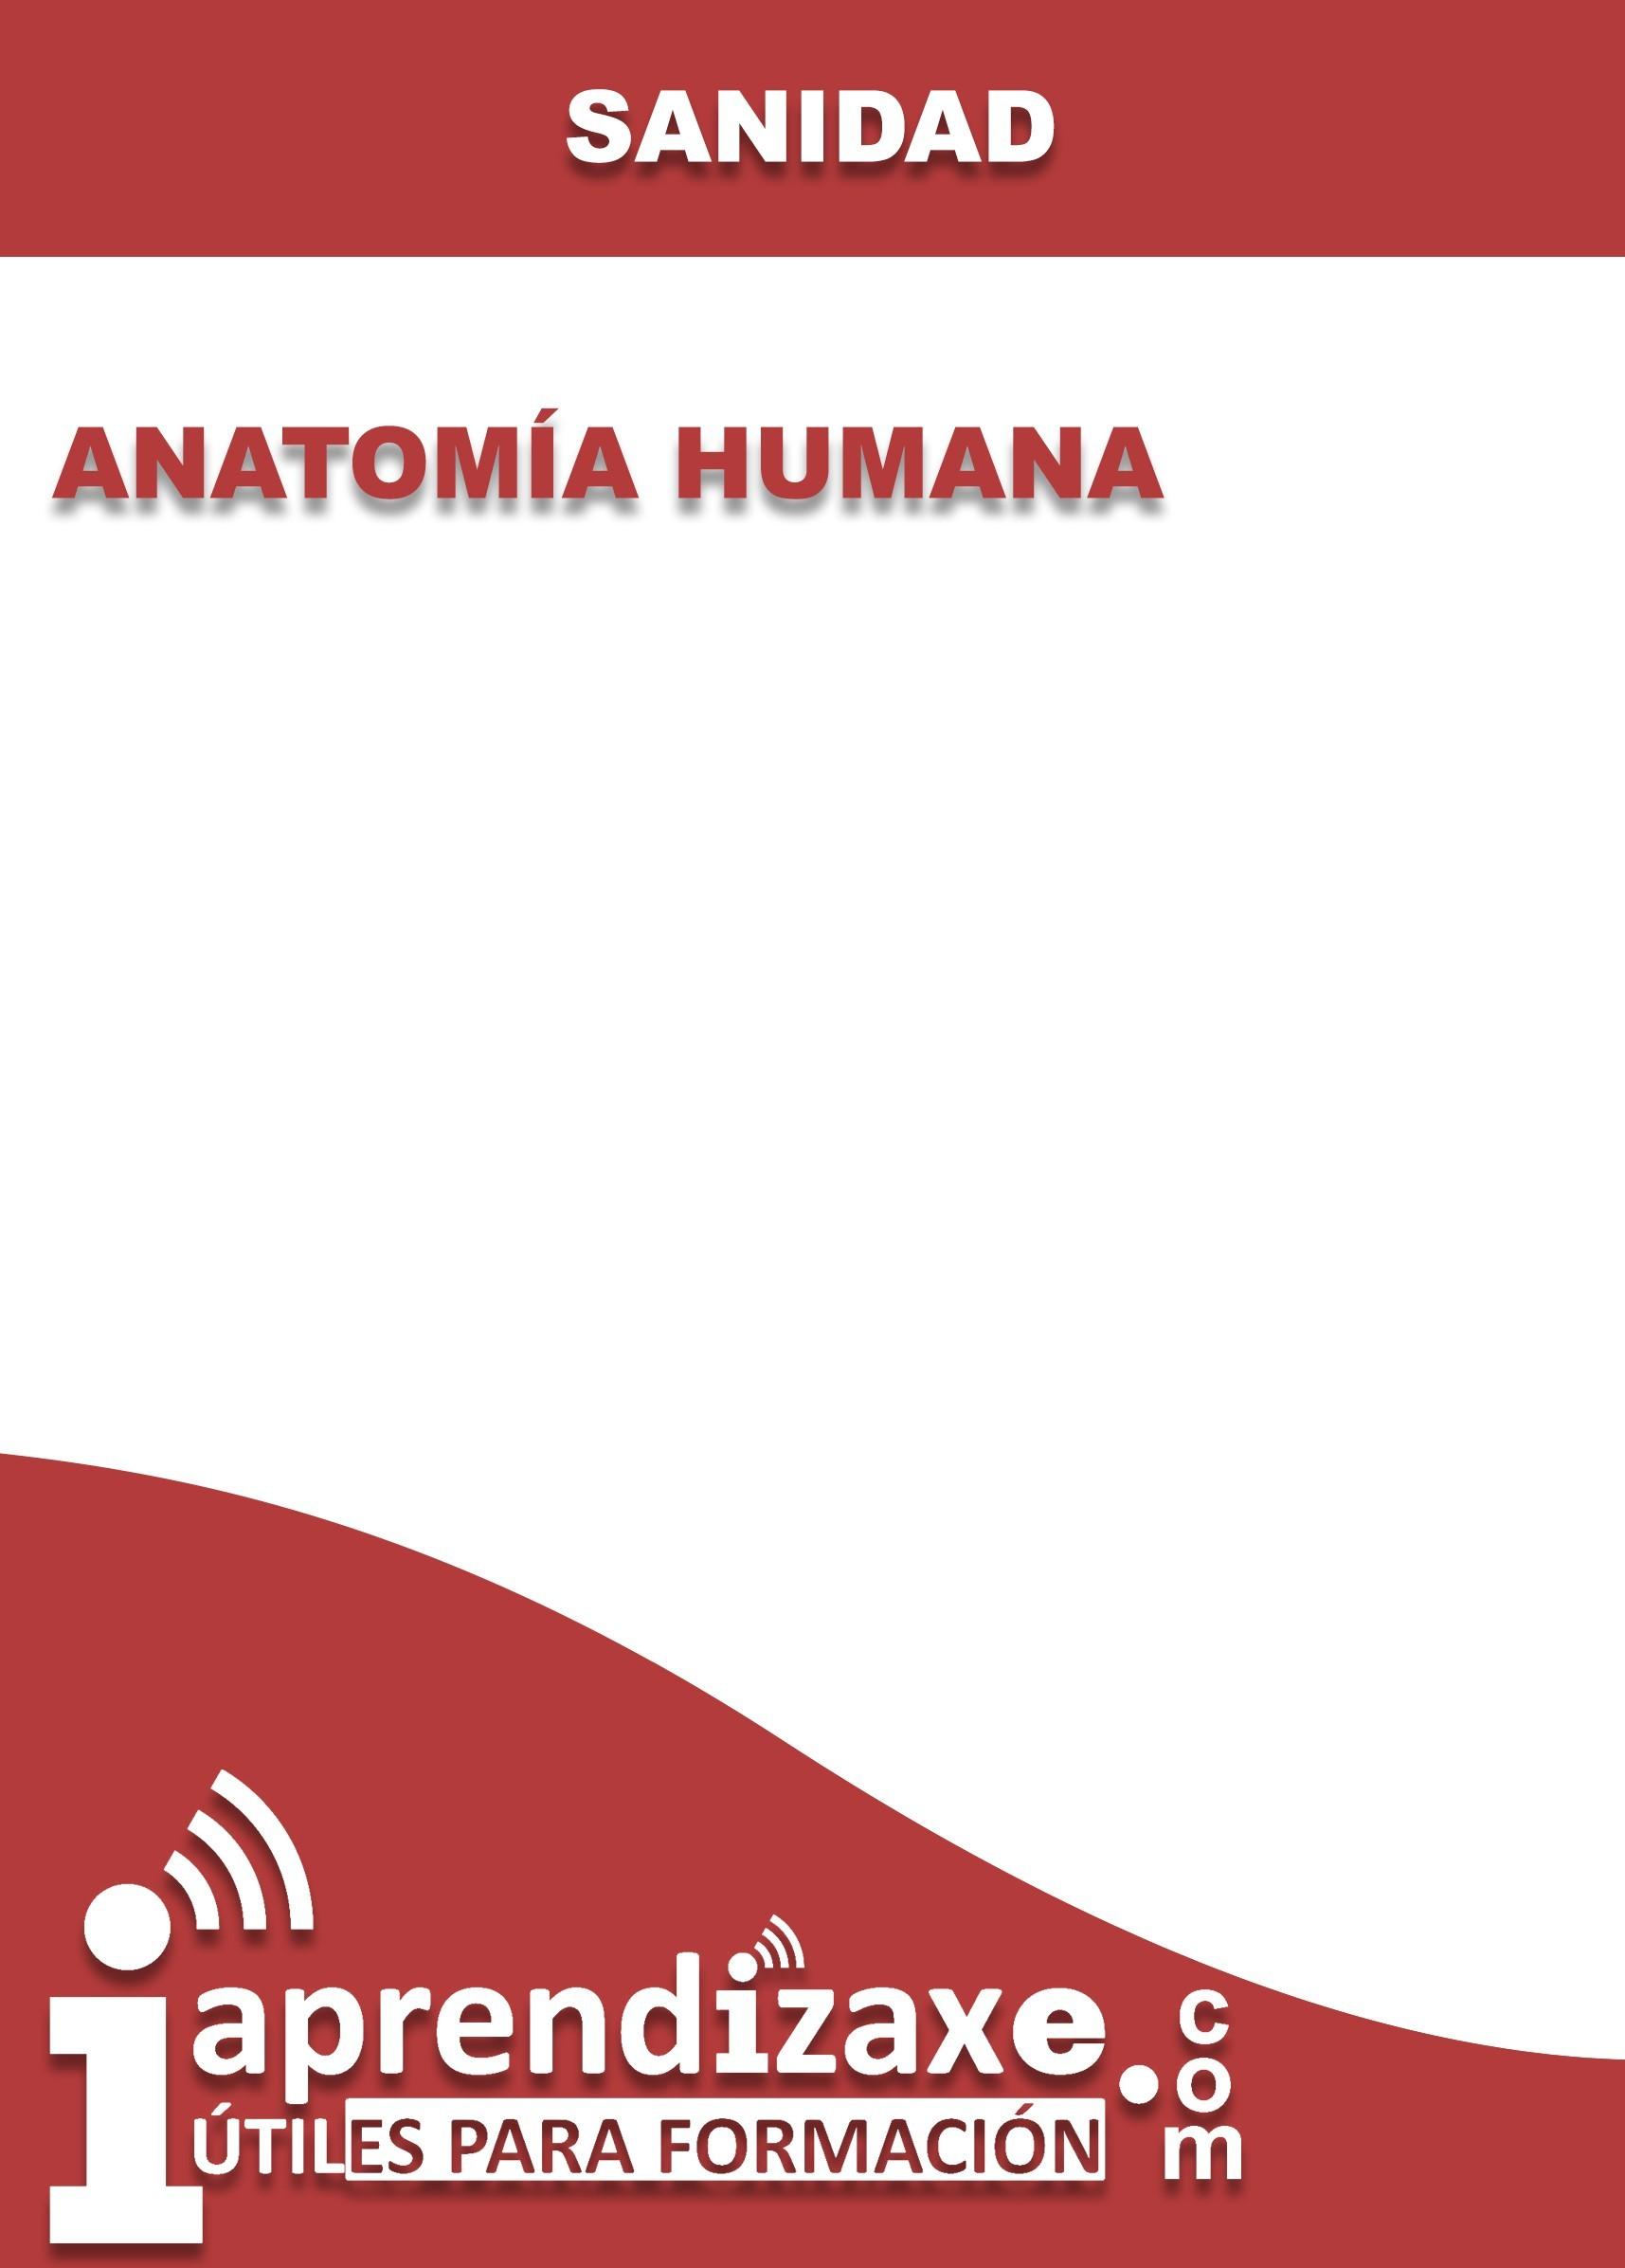 Anatomía Humana - Aprendizaxe